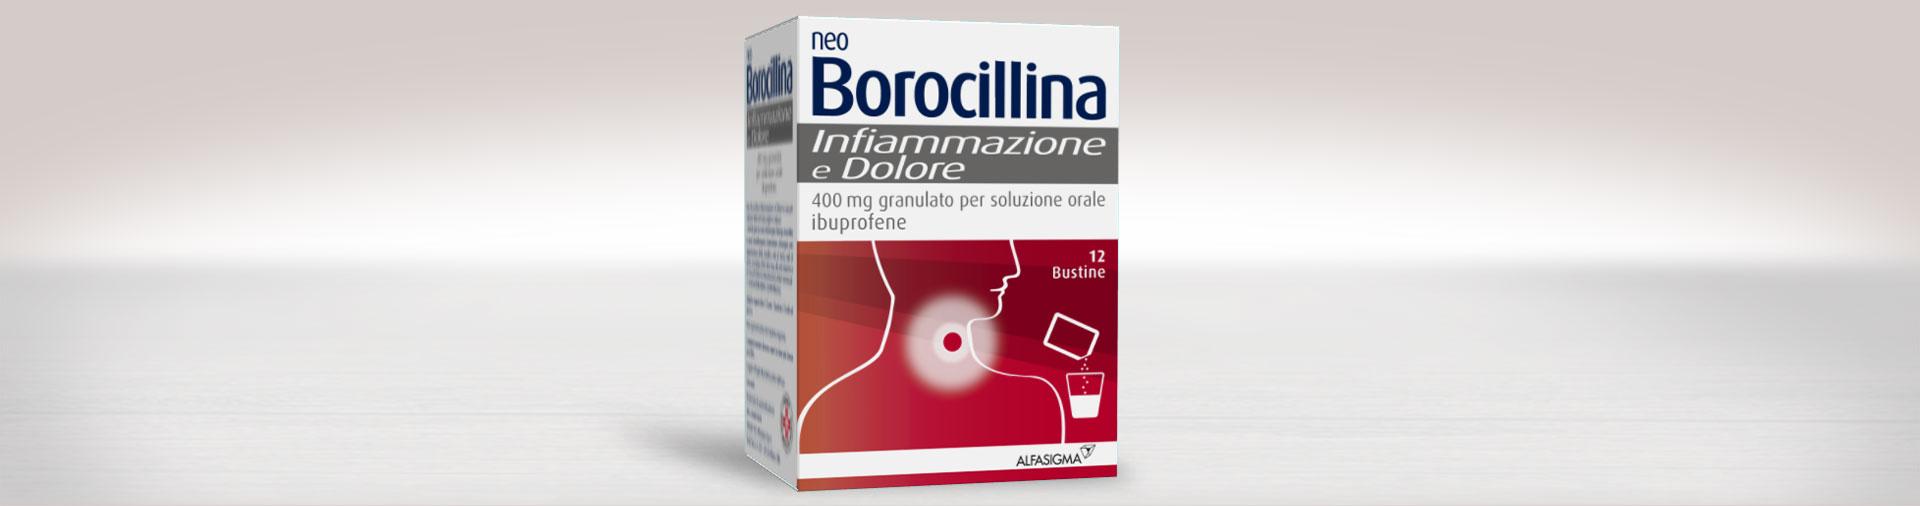 NeoBorocillina Infiammazione e Dolore